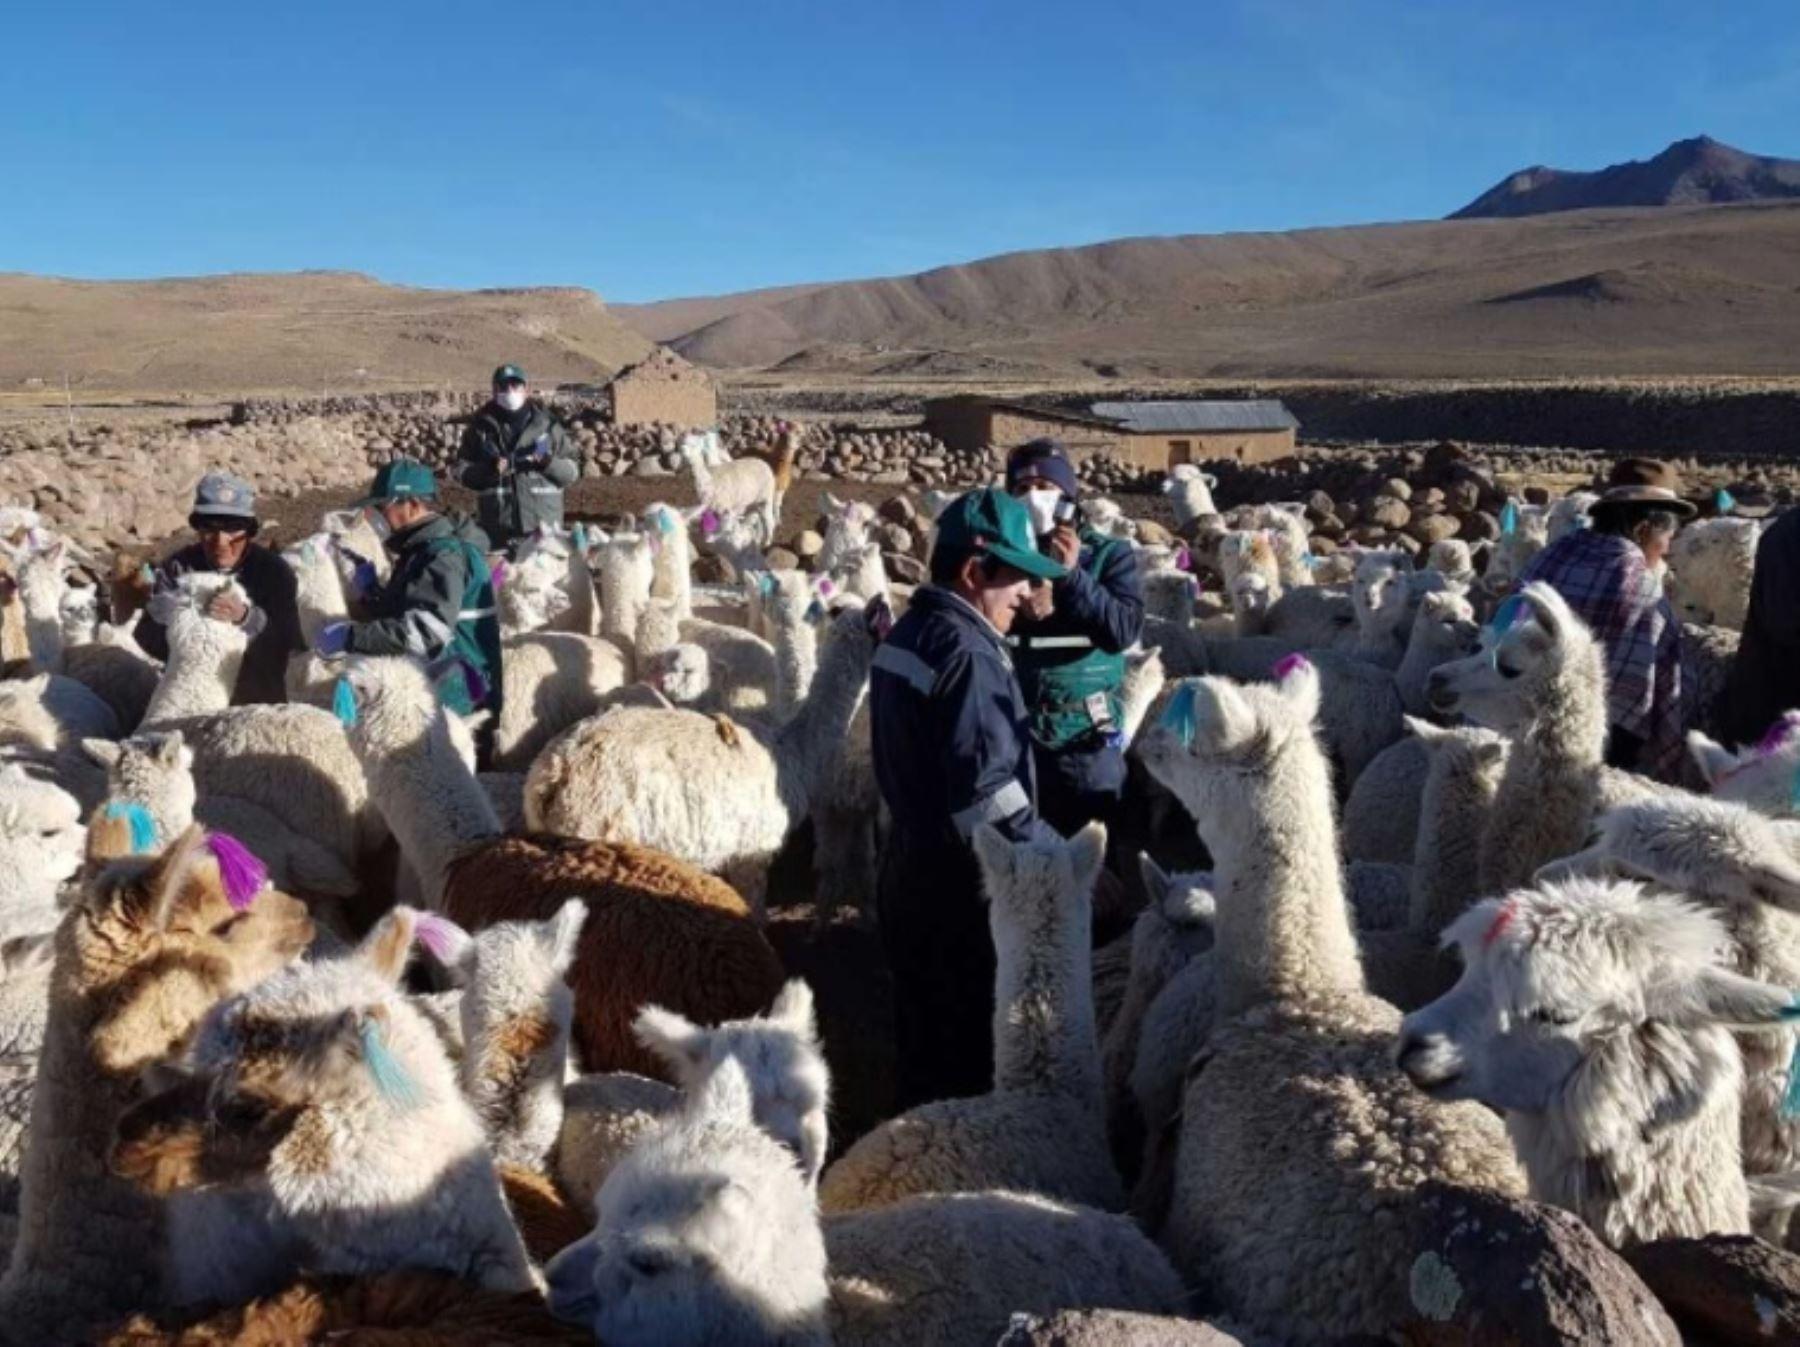 Alpaqueros de Puno demostraron competencias para crianza de camélido. ANDINA/Difusión